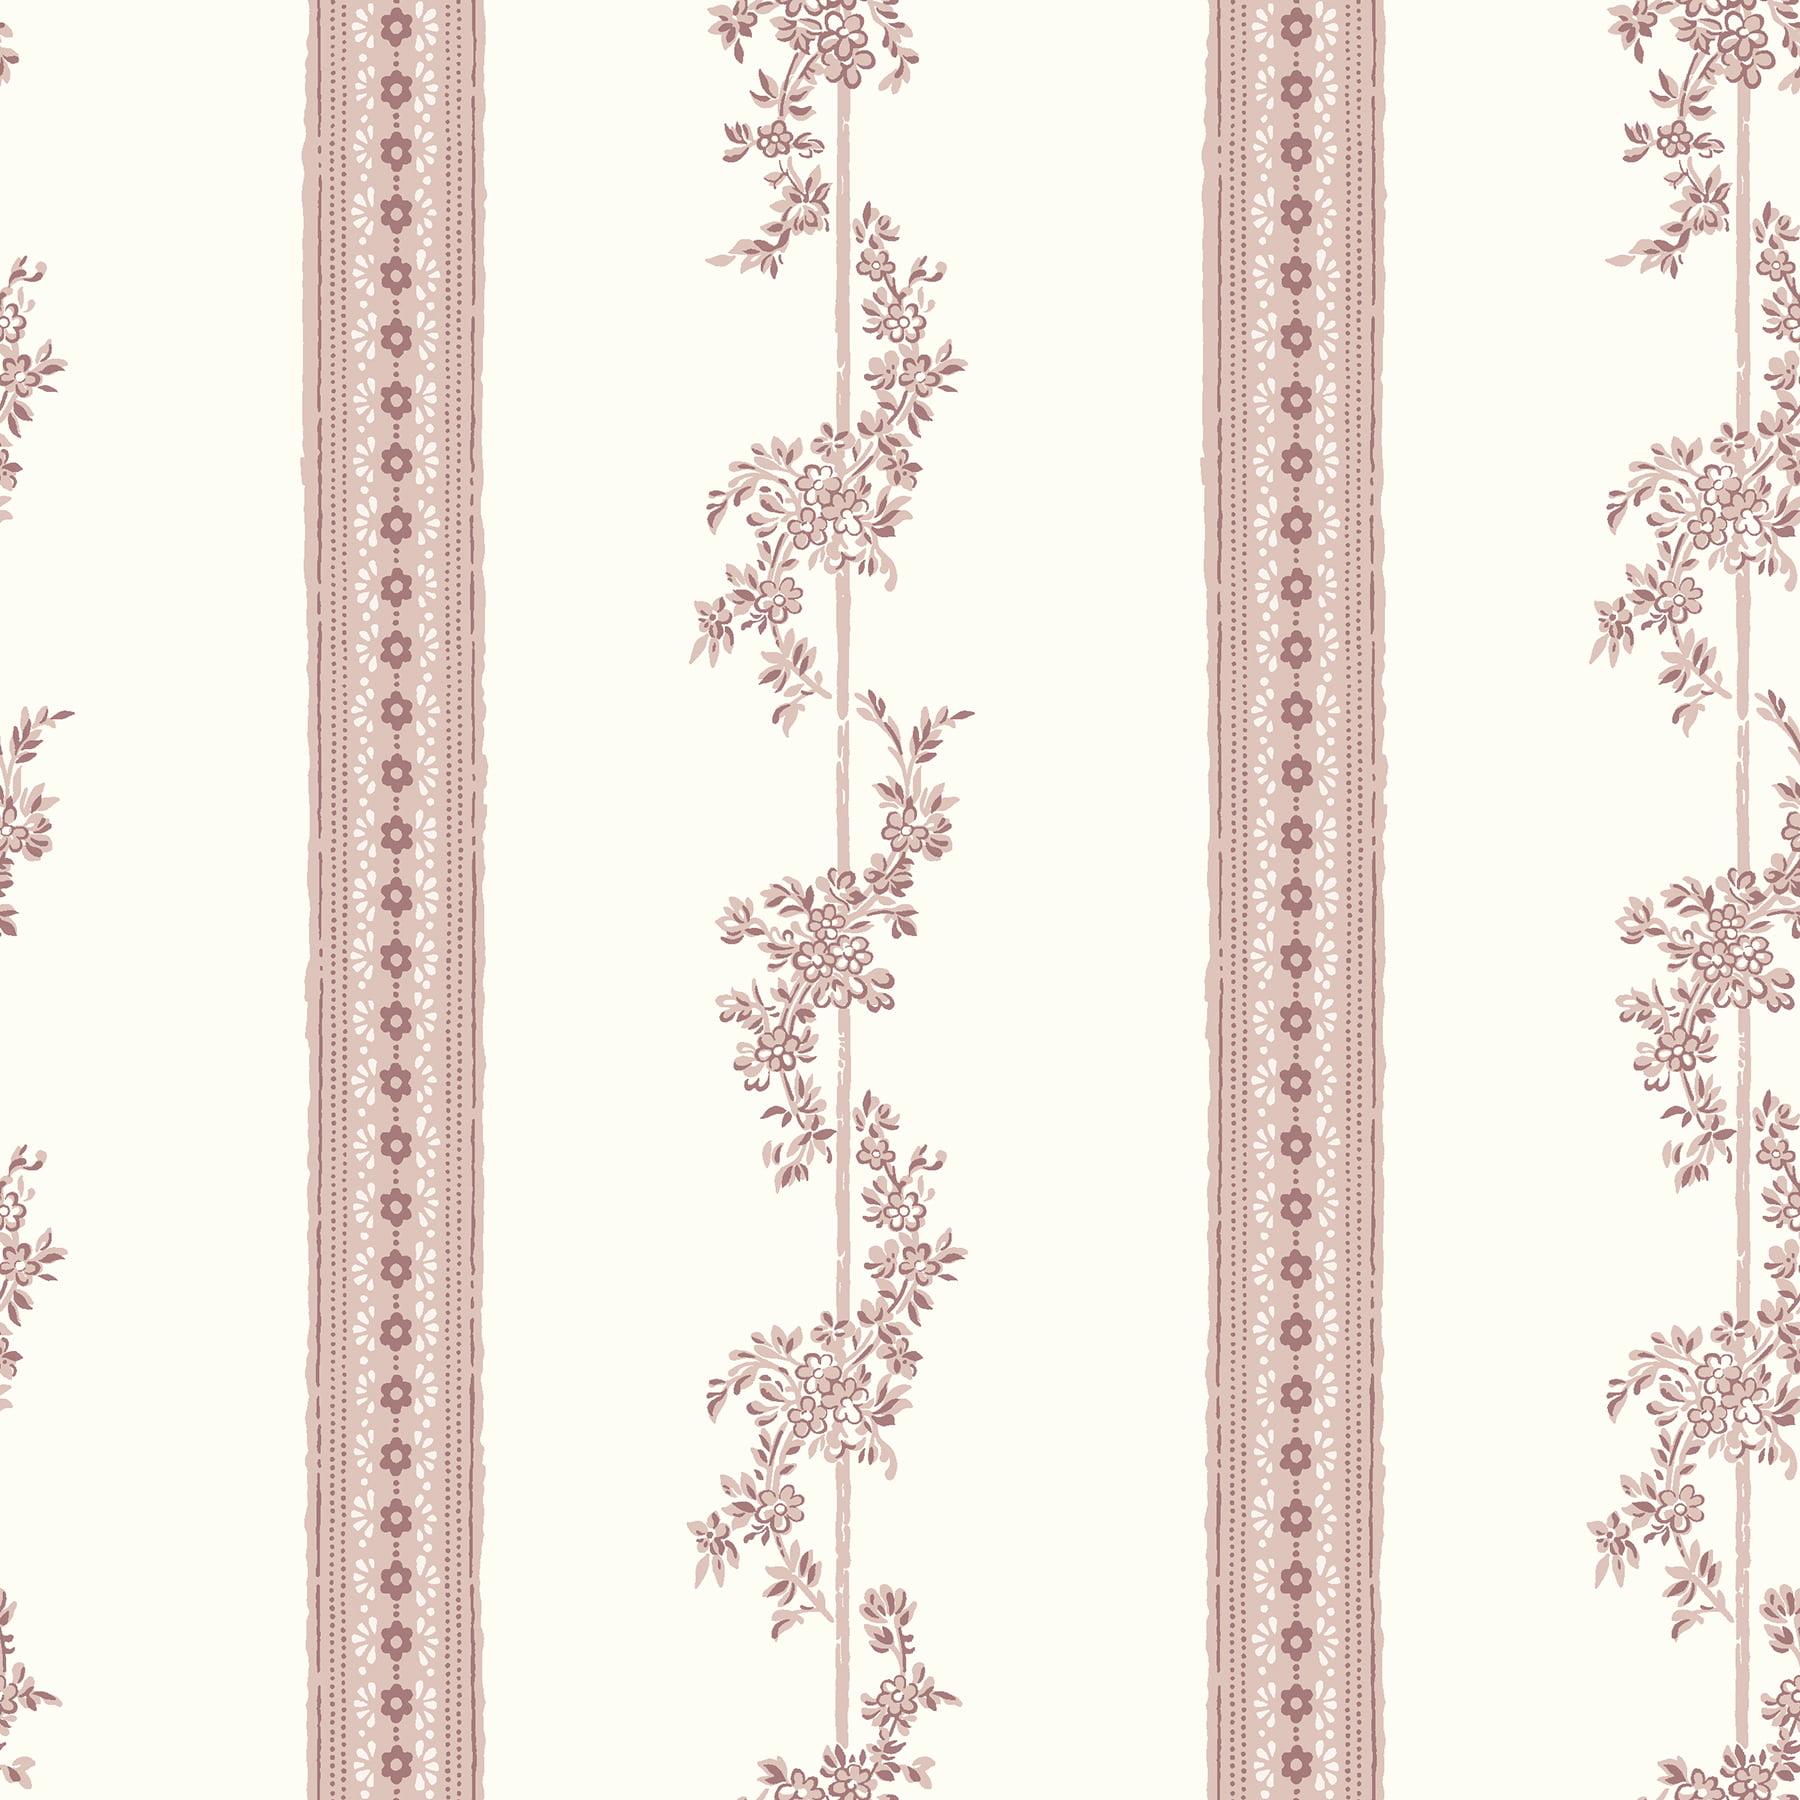 Wall Vision Drottningholm Rose Floral Stripe Wallpaper Walmart